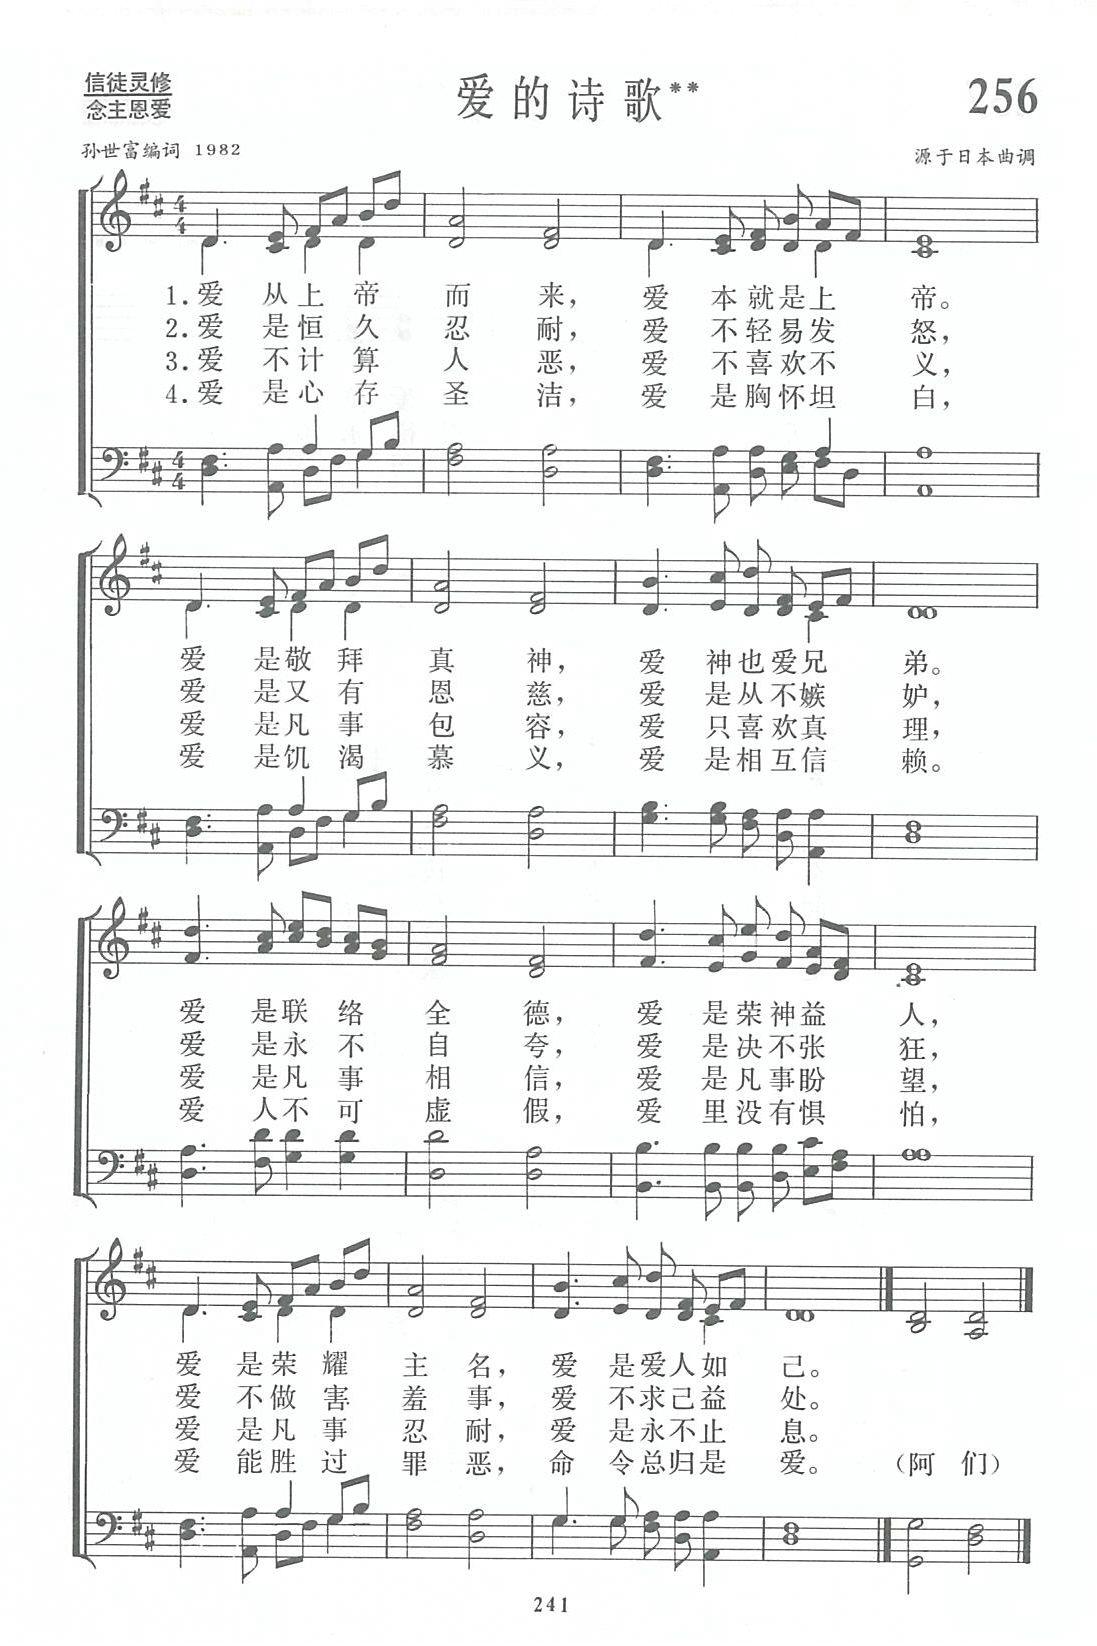 基督教歌谱-基督教歌谱网基督教简谱网歌